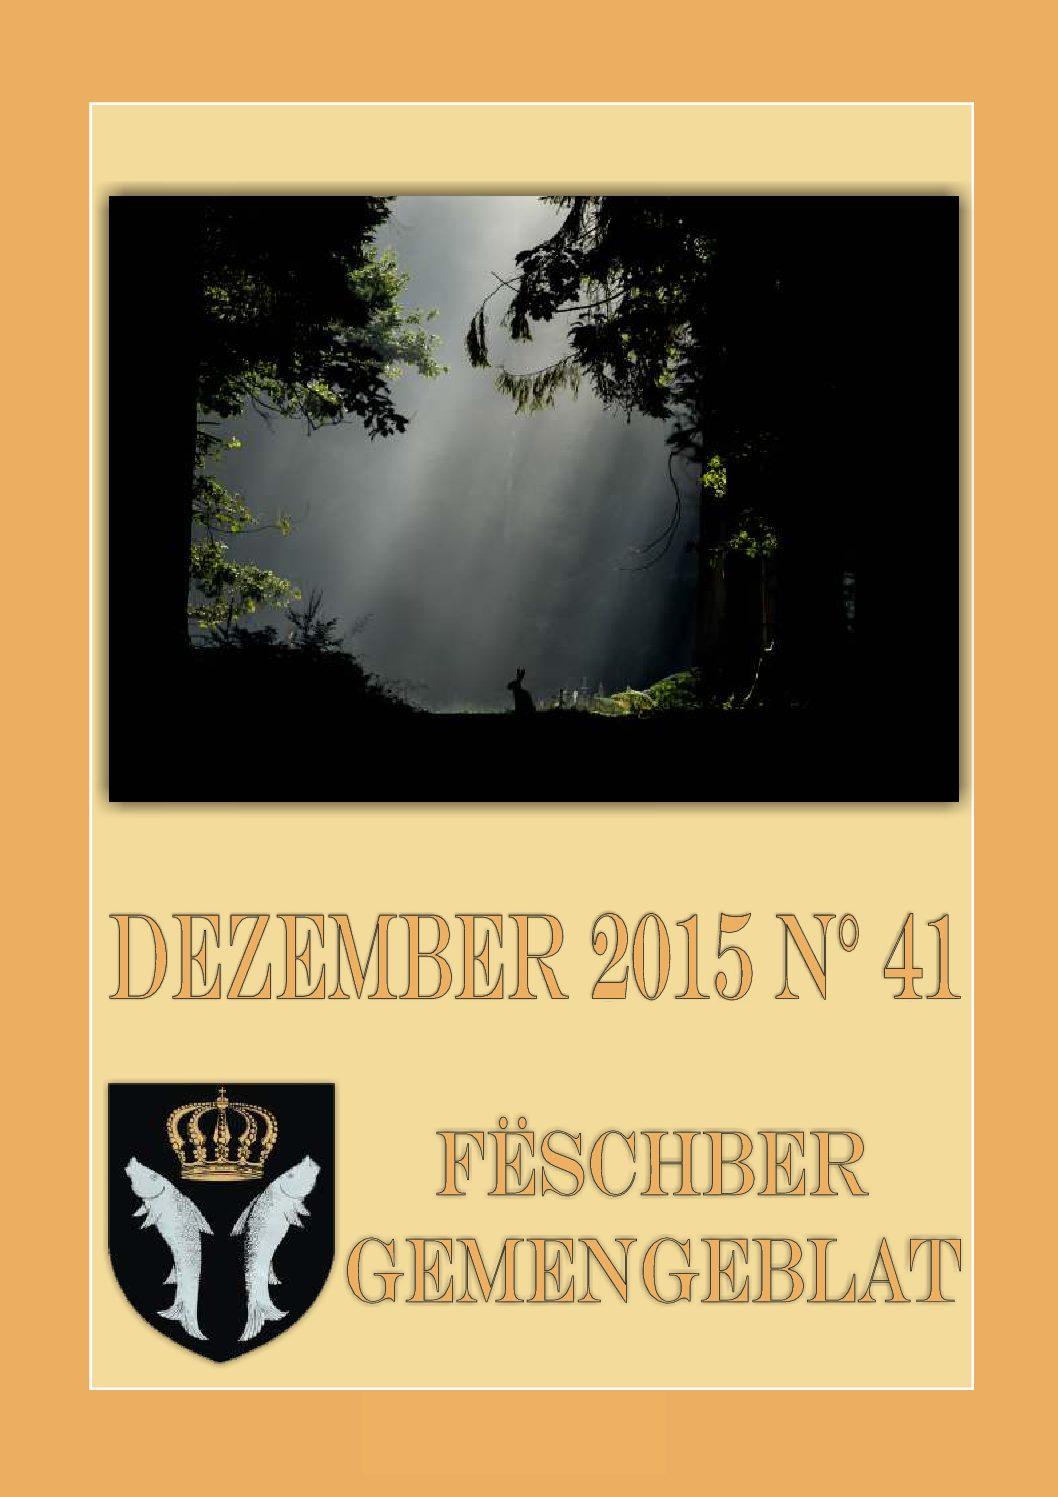 Dezember 2015 Gemengeblat No. 41